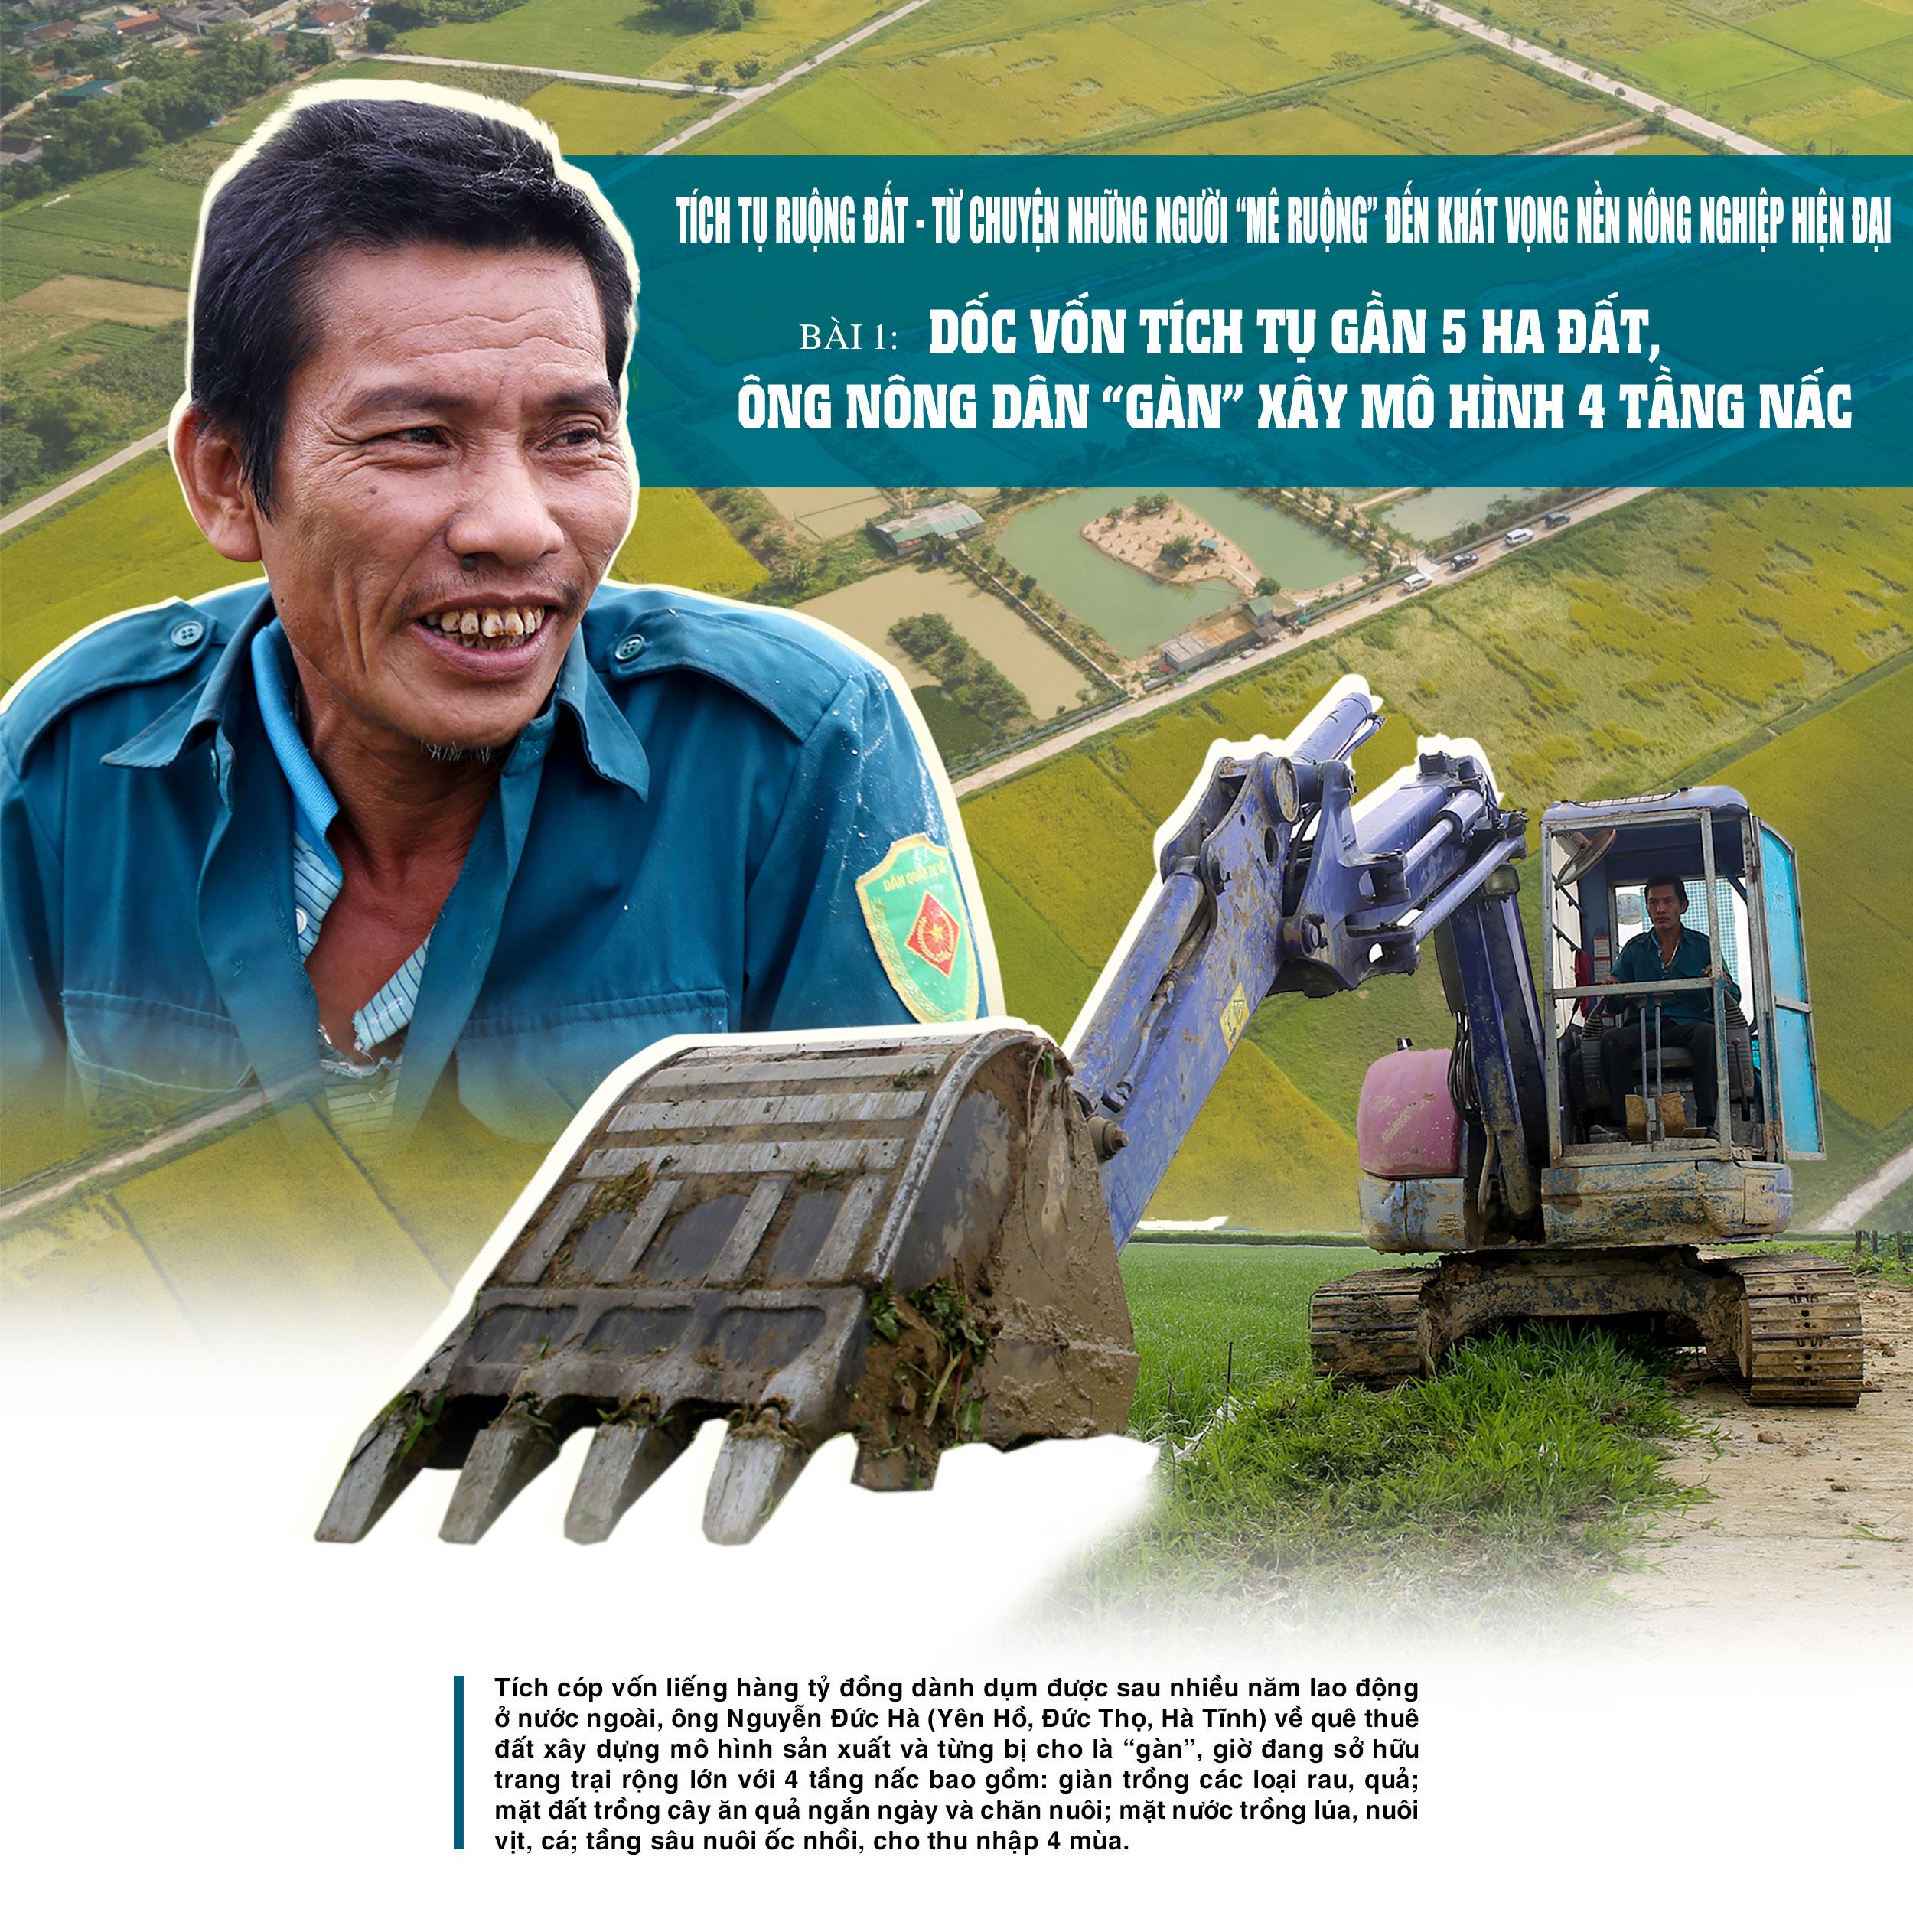 """Tích tụ ruộng đất - từ chuyện những người """"mê ruộng"""" và khát vọng nền nông nghiệp hiện đại (bài 1): Dốc vốn tích tụ 5 ha đất, ông nông dân """"gàn"""" xây mô hình 4 tầng nấc"""